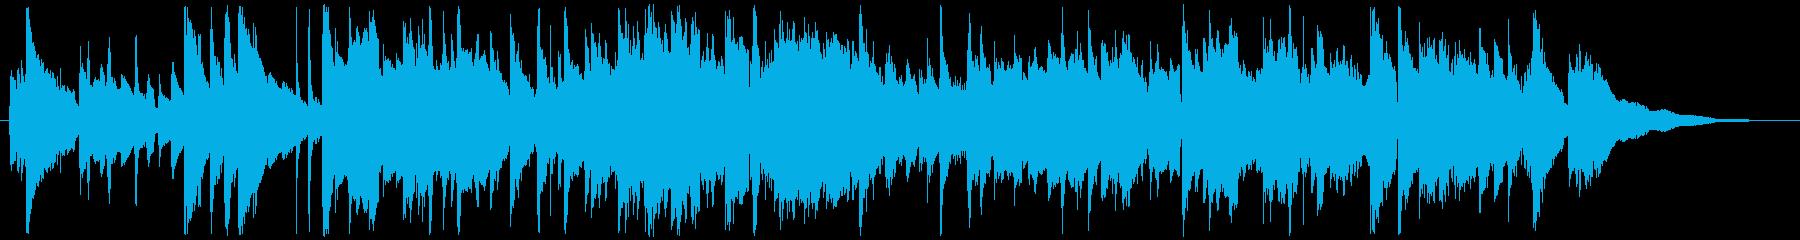 動画 センチメンタル 静か クール...の再生済みの波形